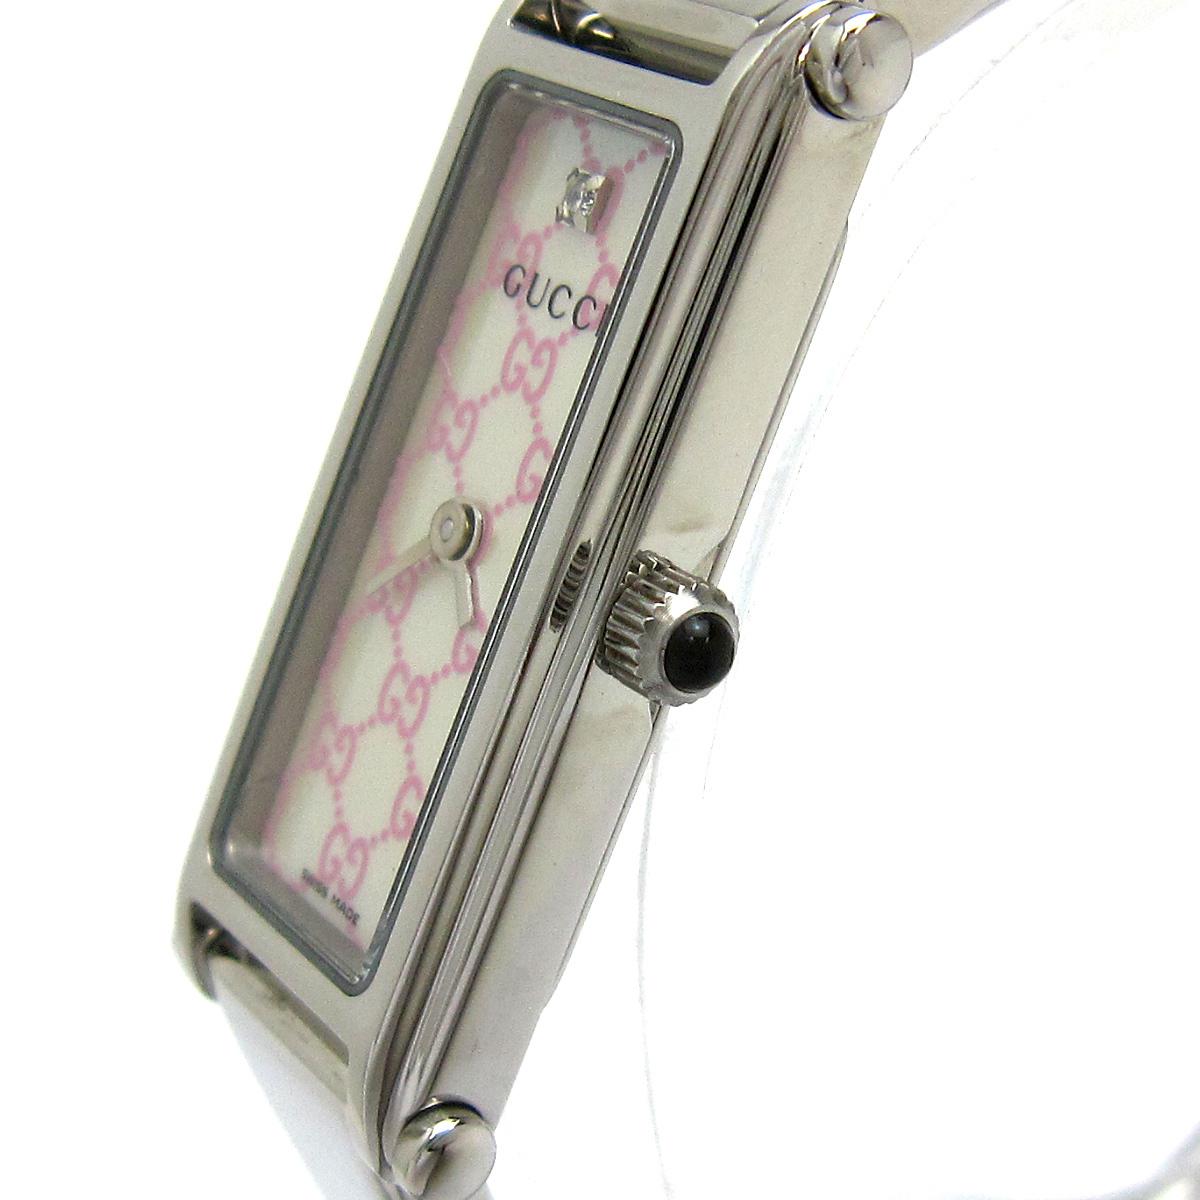 【1円良品】GUCCI グッチ 腕時計 1500L レディース ピンク シェル文字盤 1Pダイヤ スクエア 箱付き 可動品_画像4